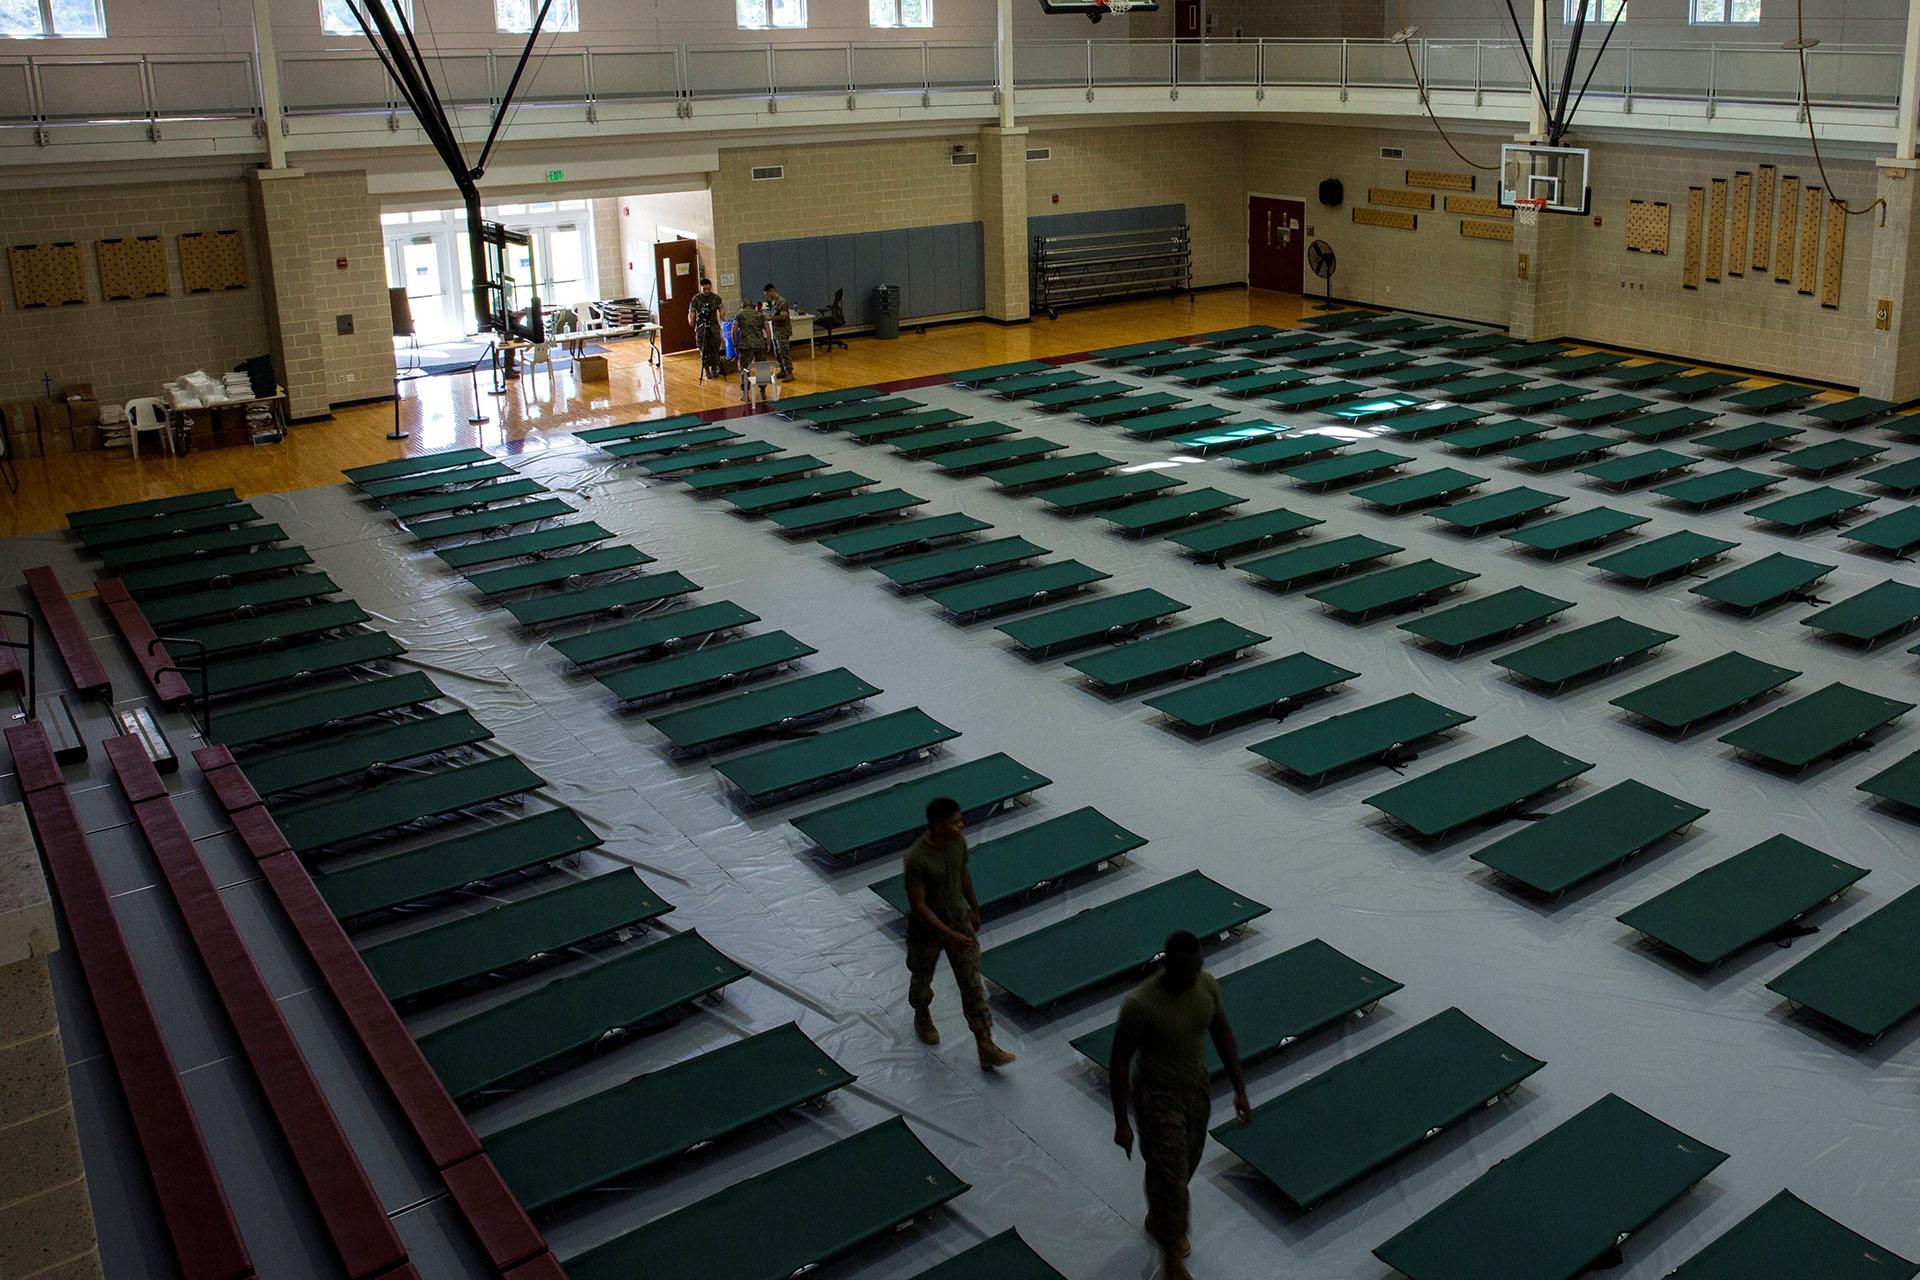 Vista de las camas que han sido instaladas en un pabellón de la Base del Cuerpo de Marines Camp Lejaune en previsión a la llegada del huracán Florence, en Jacksonville, Carolina del Norte, EEUU (EFE/Foto cedida por el Cuerpo De La Marina De EEUU)